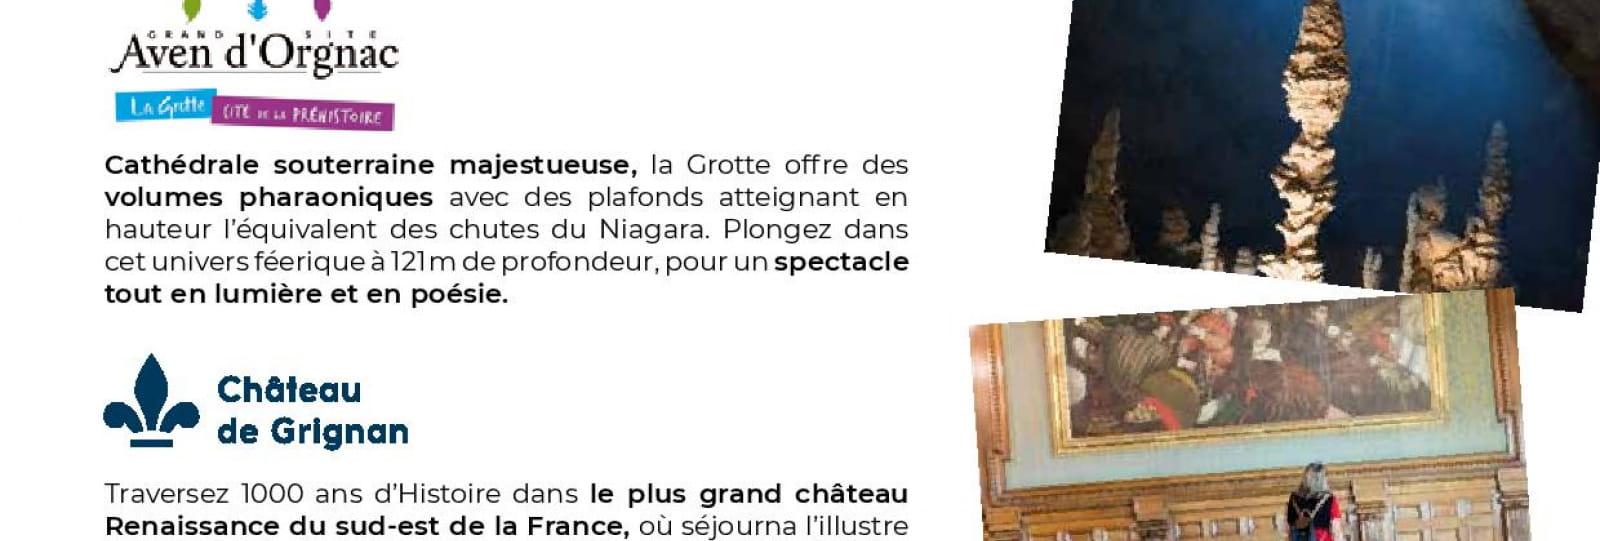 Recto - Journée Exploration : Château de Grignan et l'Aven d'Orgnac